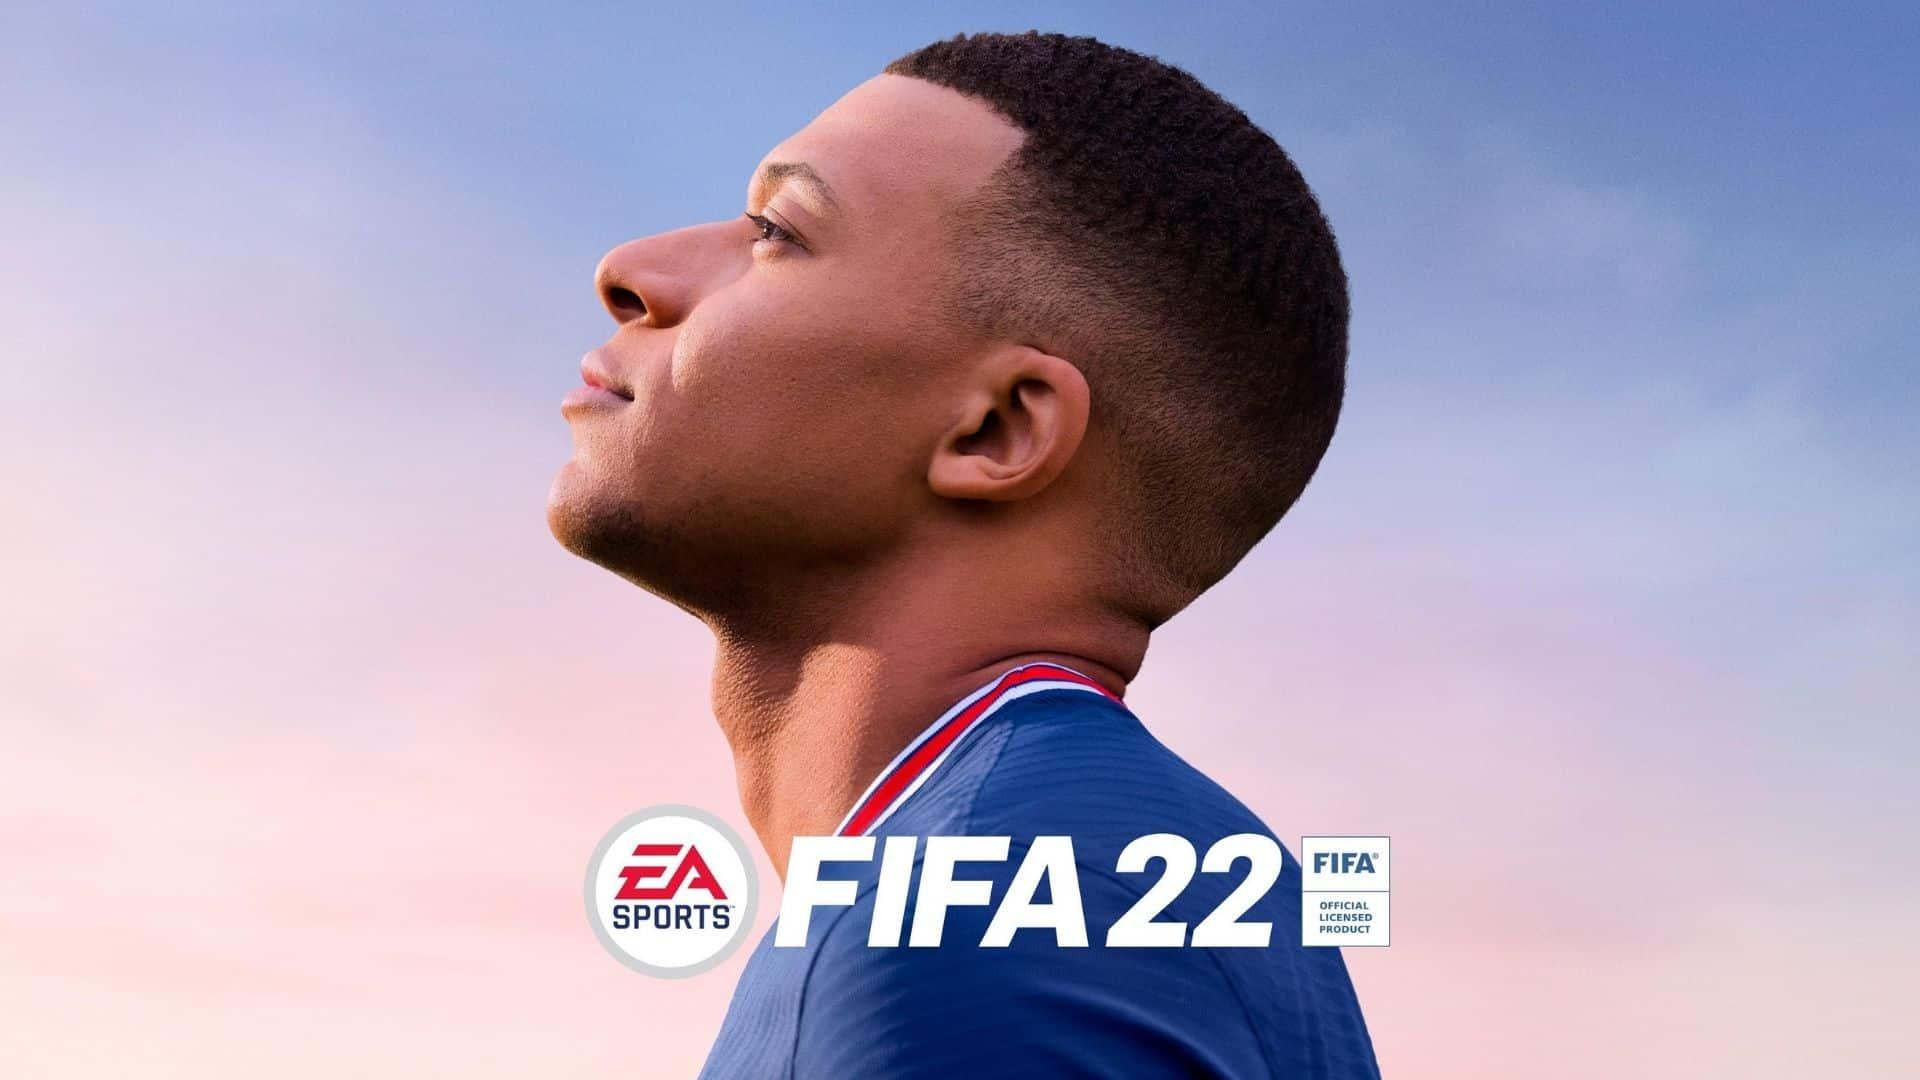 EA anuncia FIFA 22 chegando ao Nintendo Switch, mas será uma edição legada  - Animé K